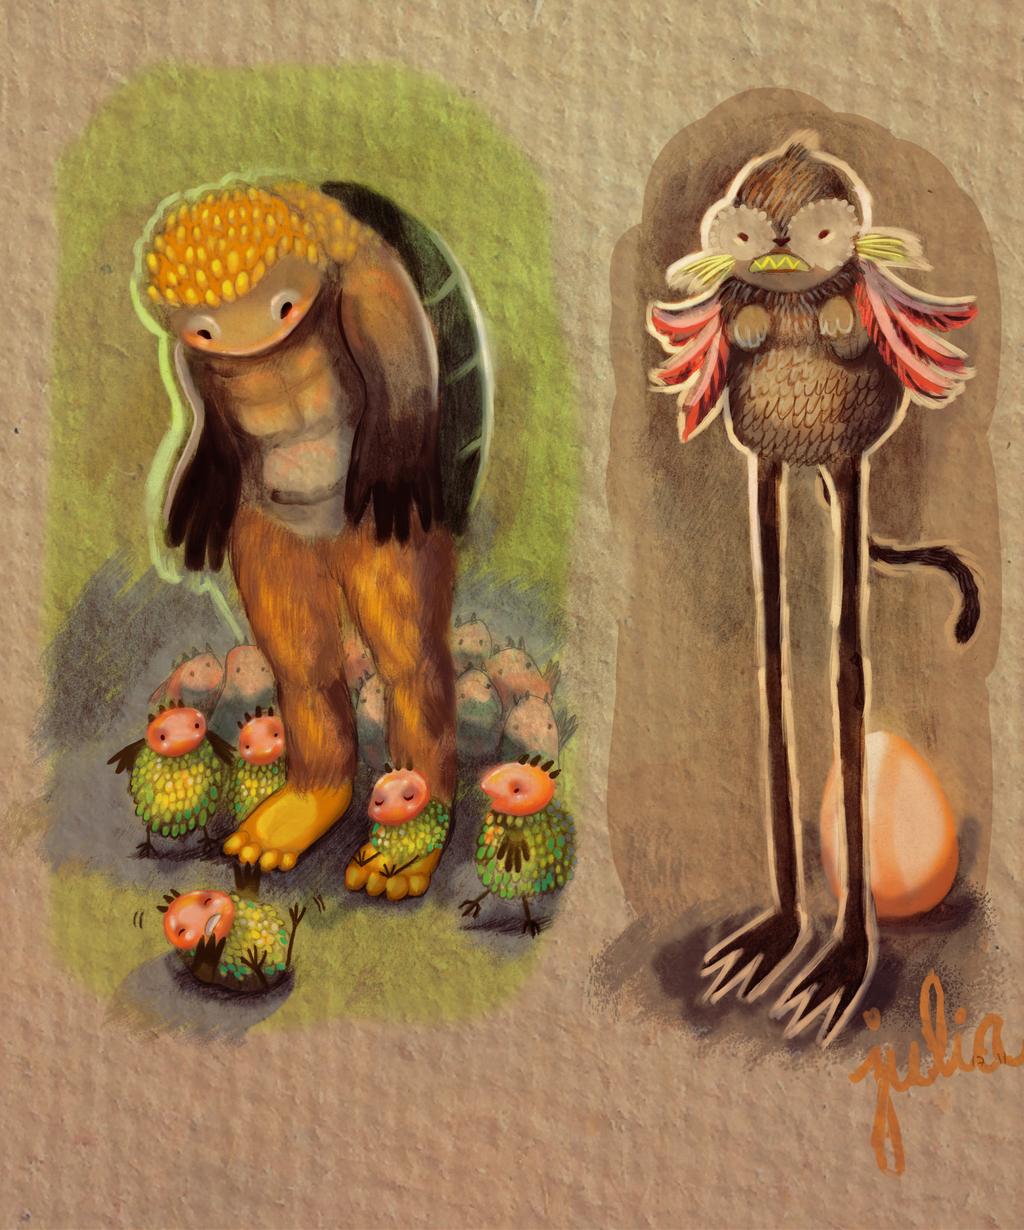 Sketchbook creatures by vastarantakettu